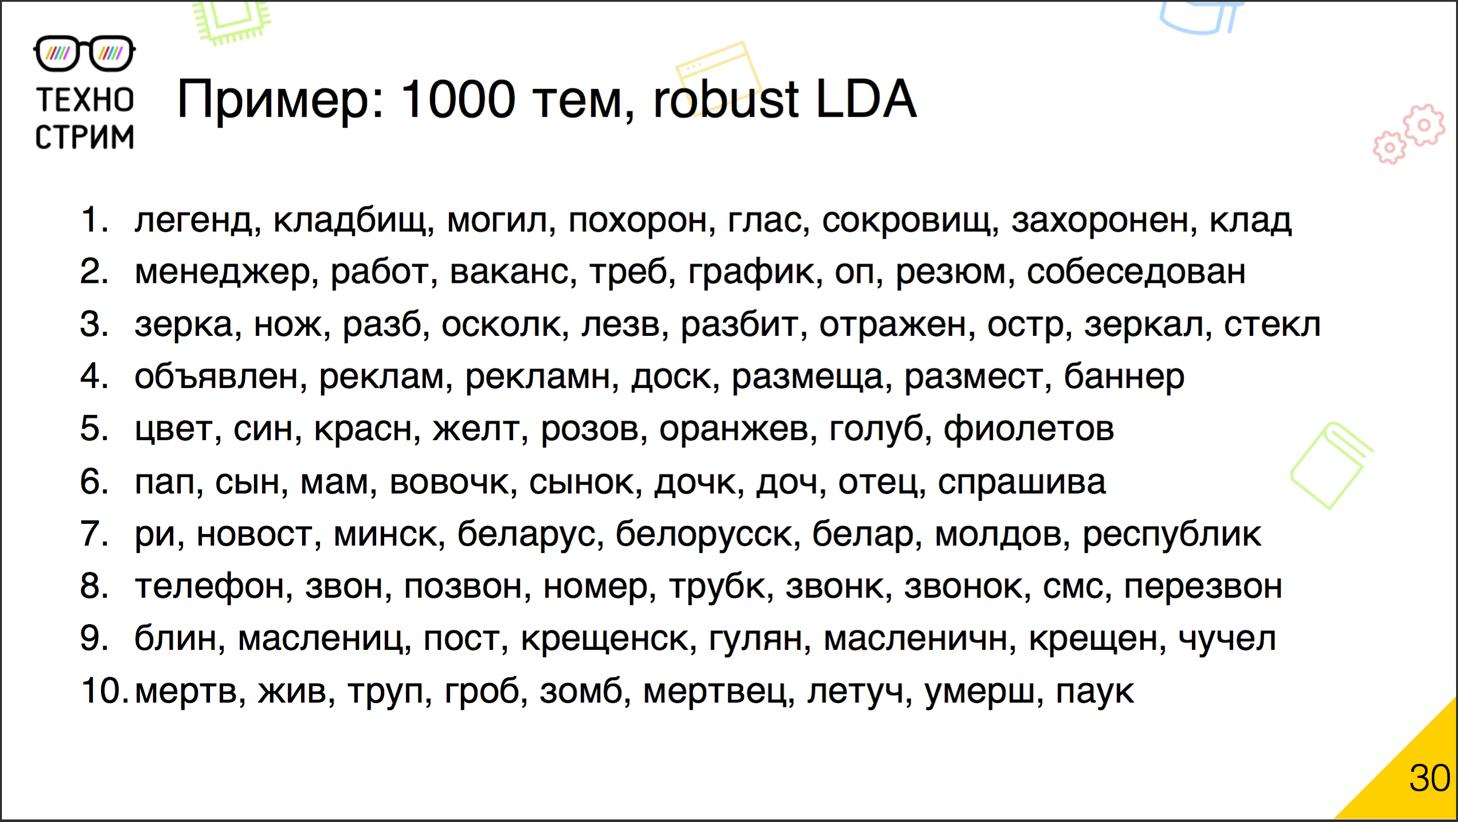 Обработка текстов на естественных языках - 16